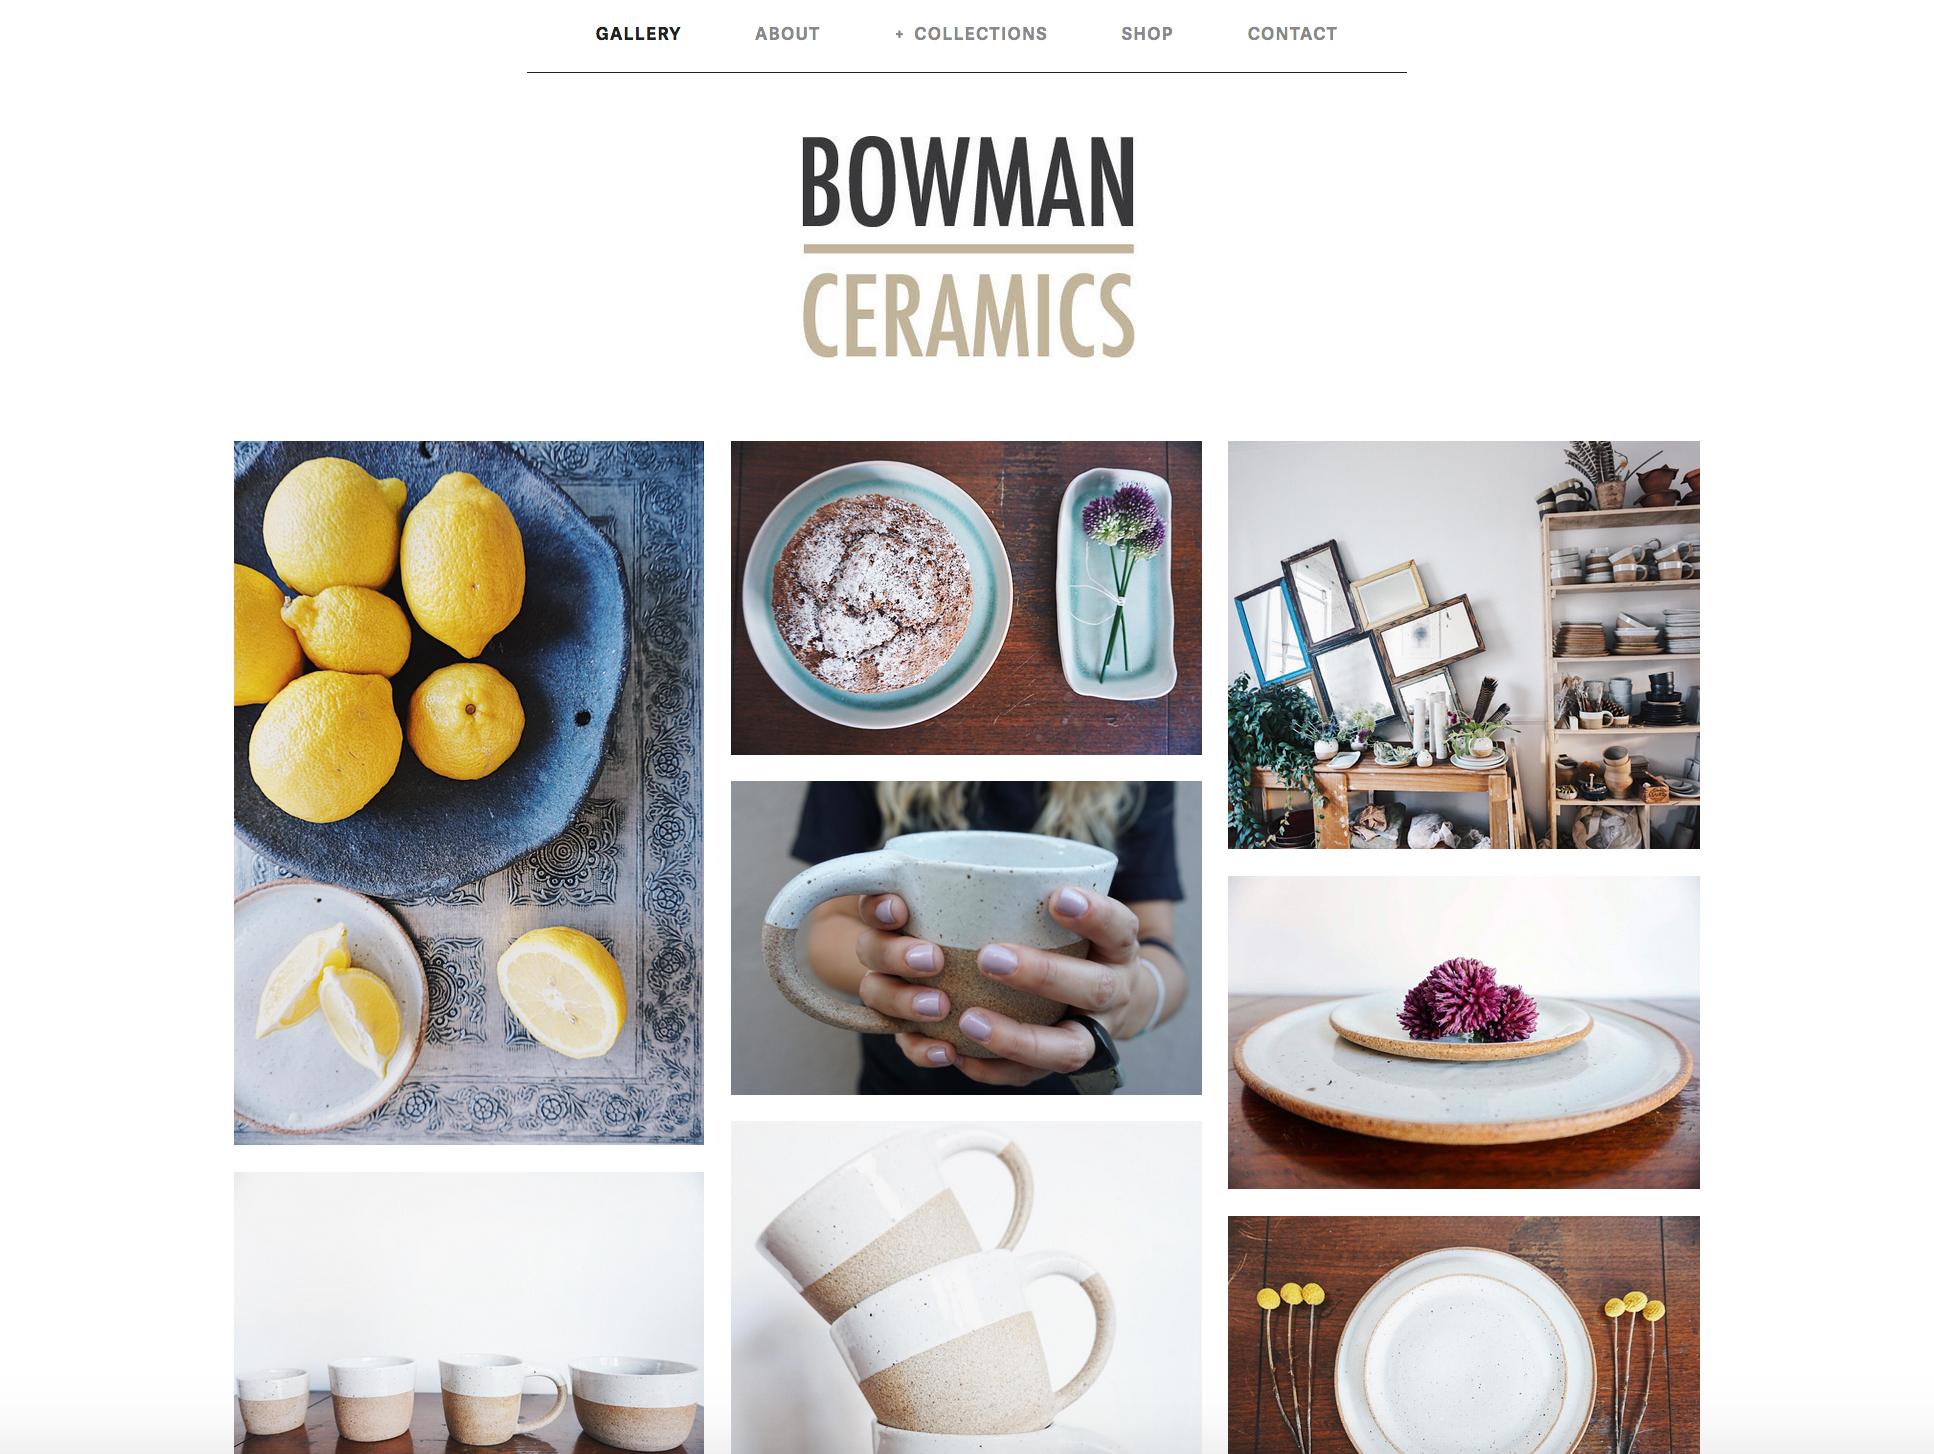 Bowman Ceramics, E- Commerce Shop